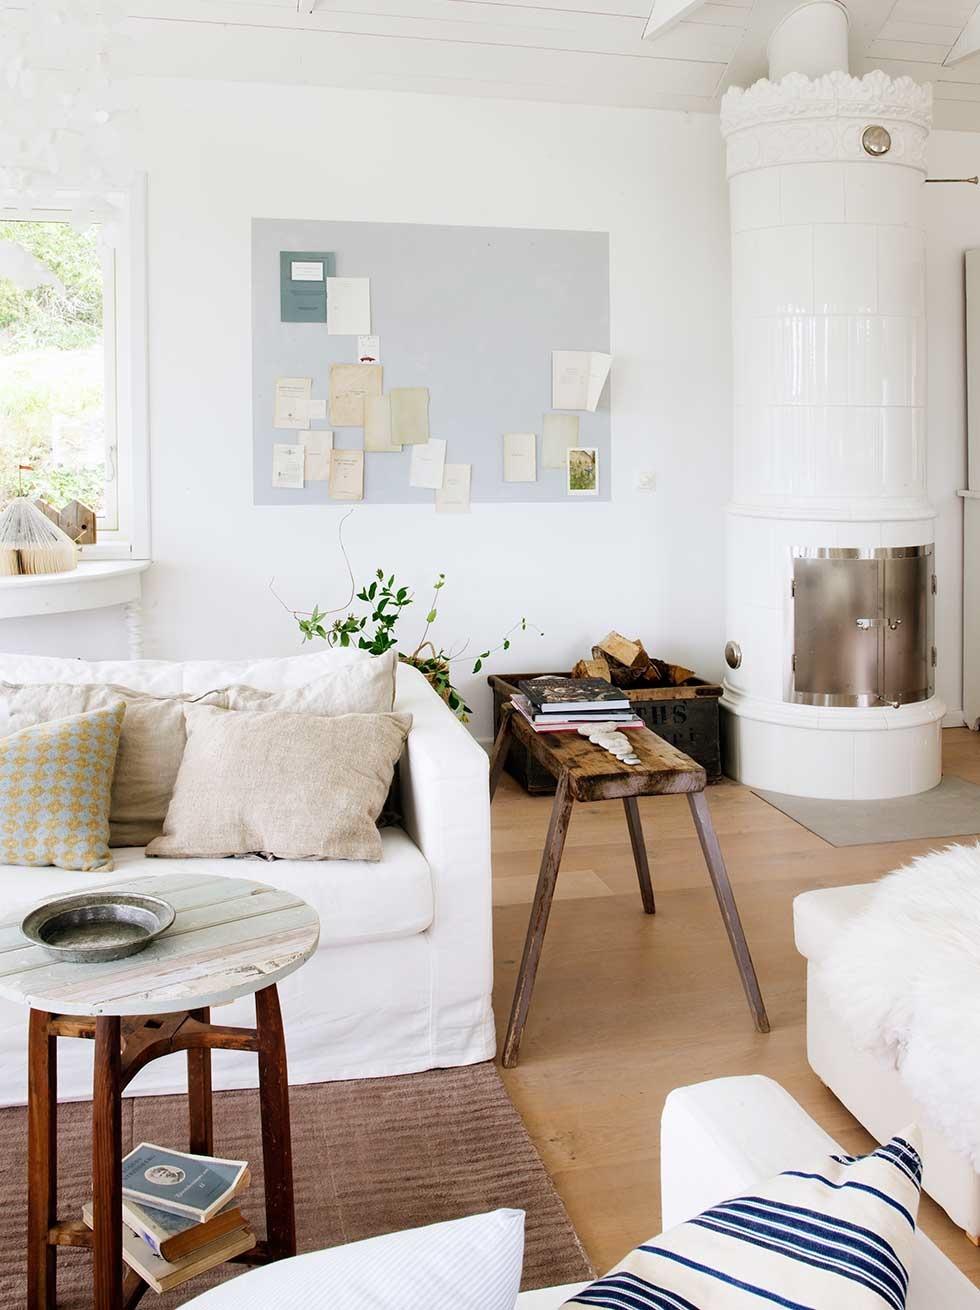 El estilo coastal cottage blog tienda decoraci n estilo - Estilo nordico decoracion ...